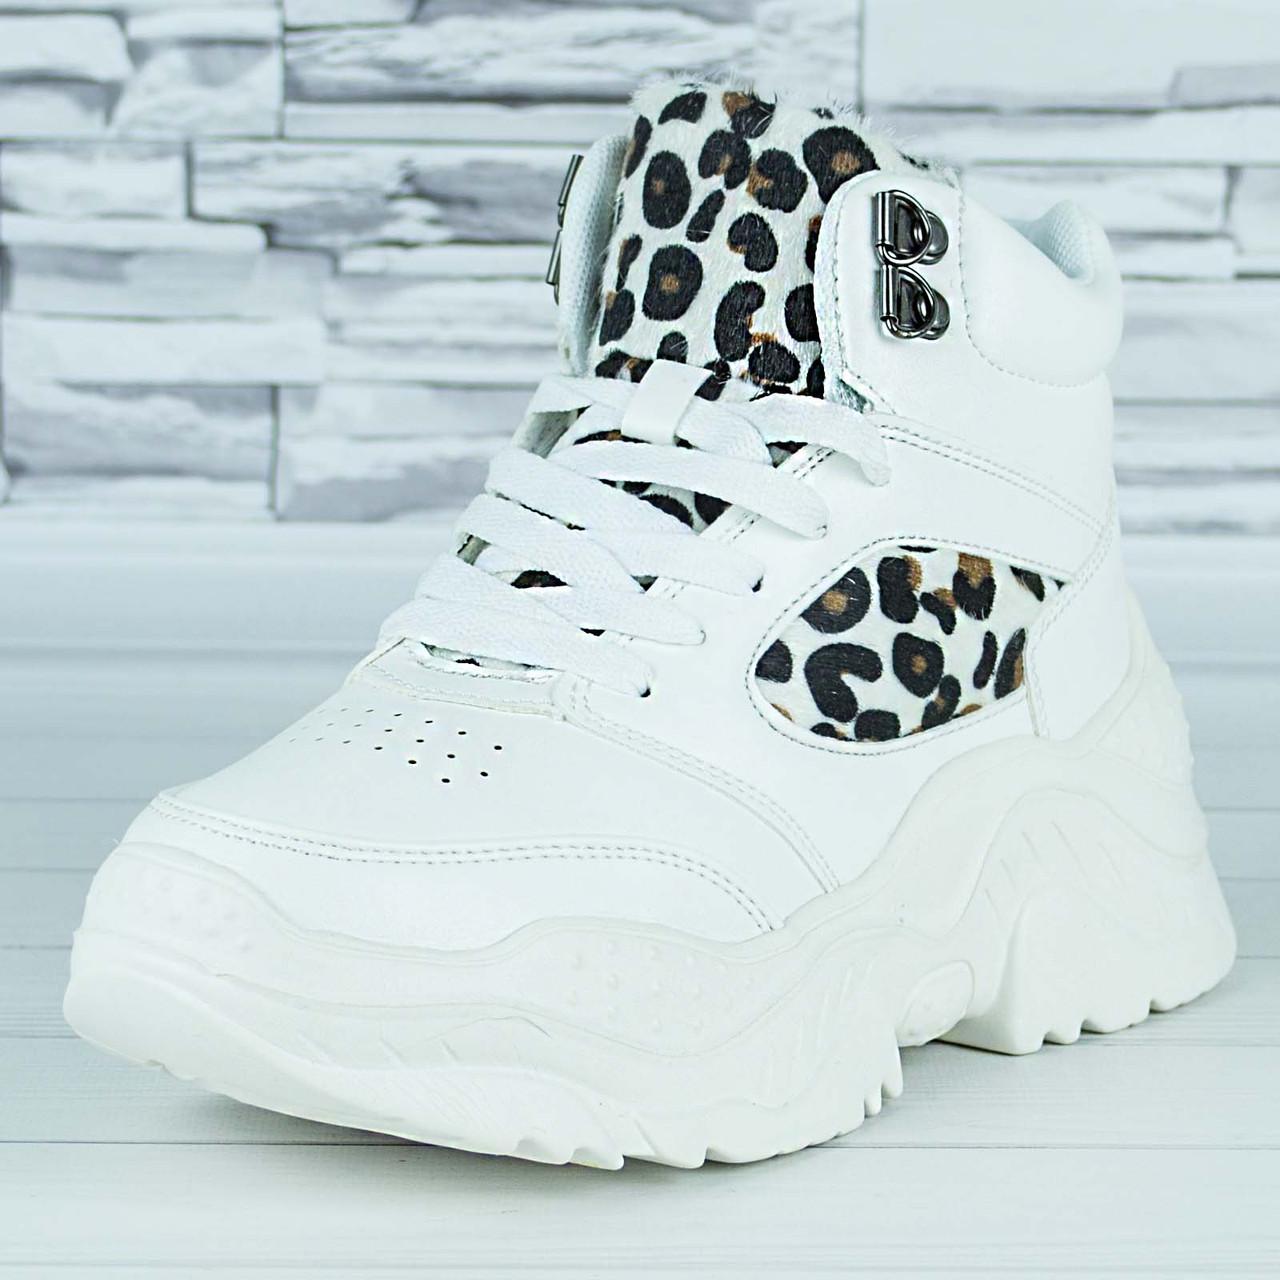 Кроссовки женские белые эко кожа демисезонные  принт леопард b-474